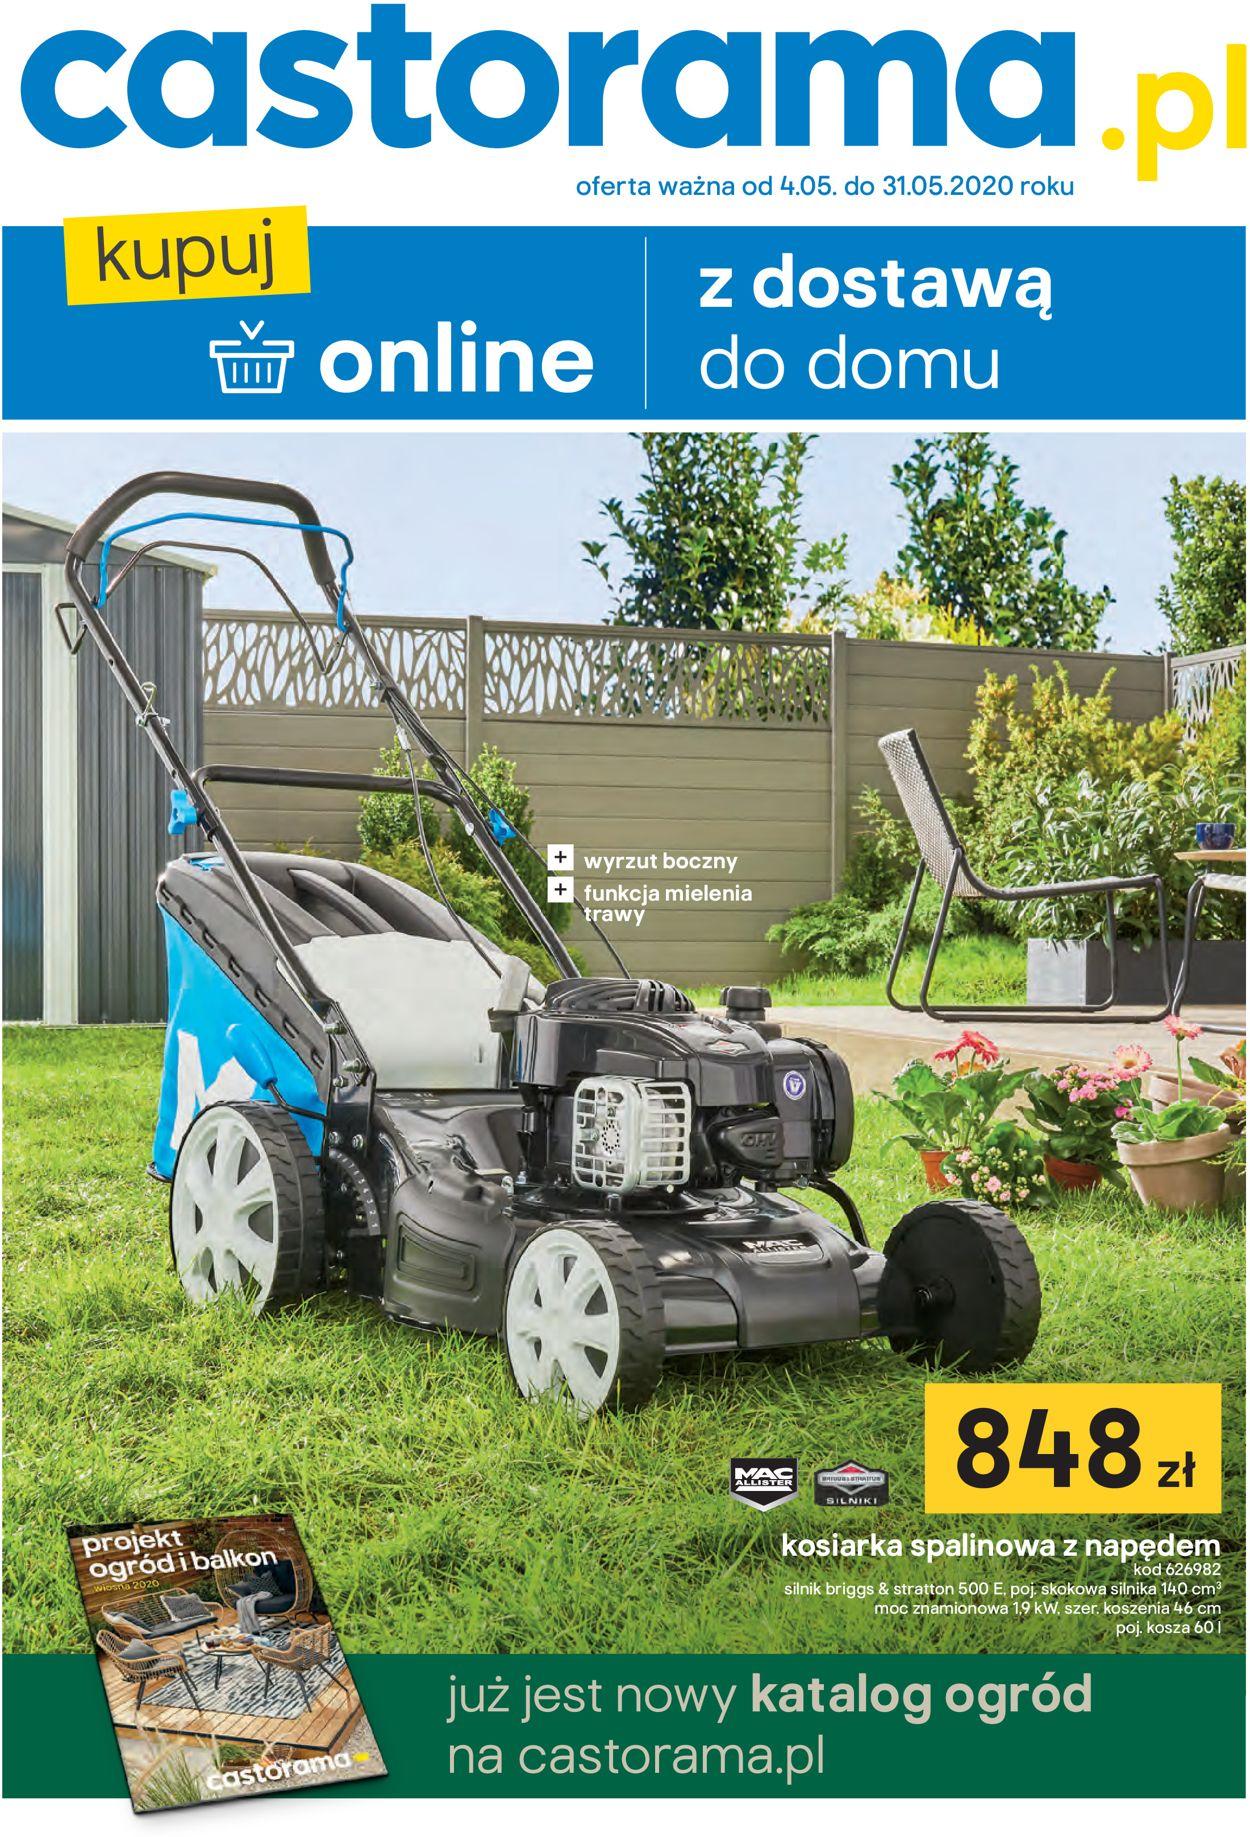 Gazetka promocyjna Castorama - 04.05-31.05.2020